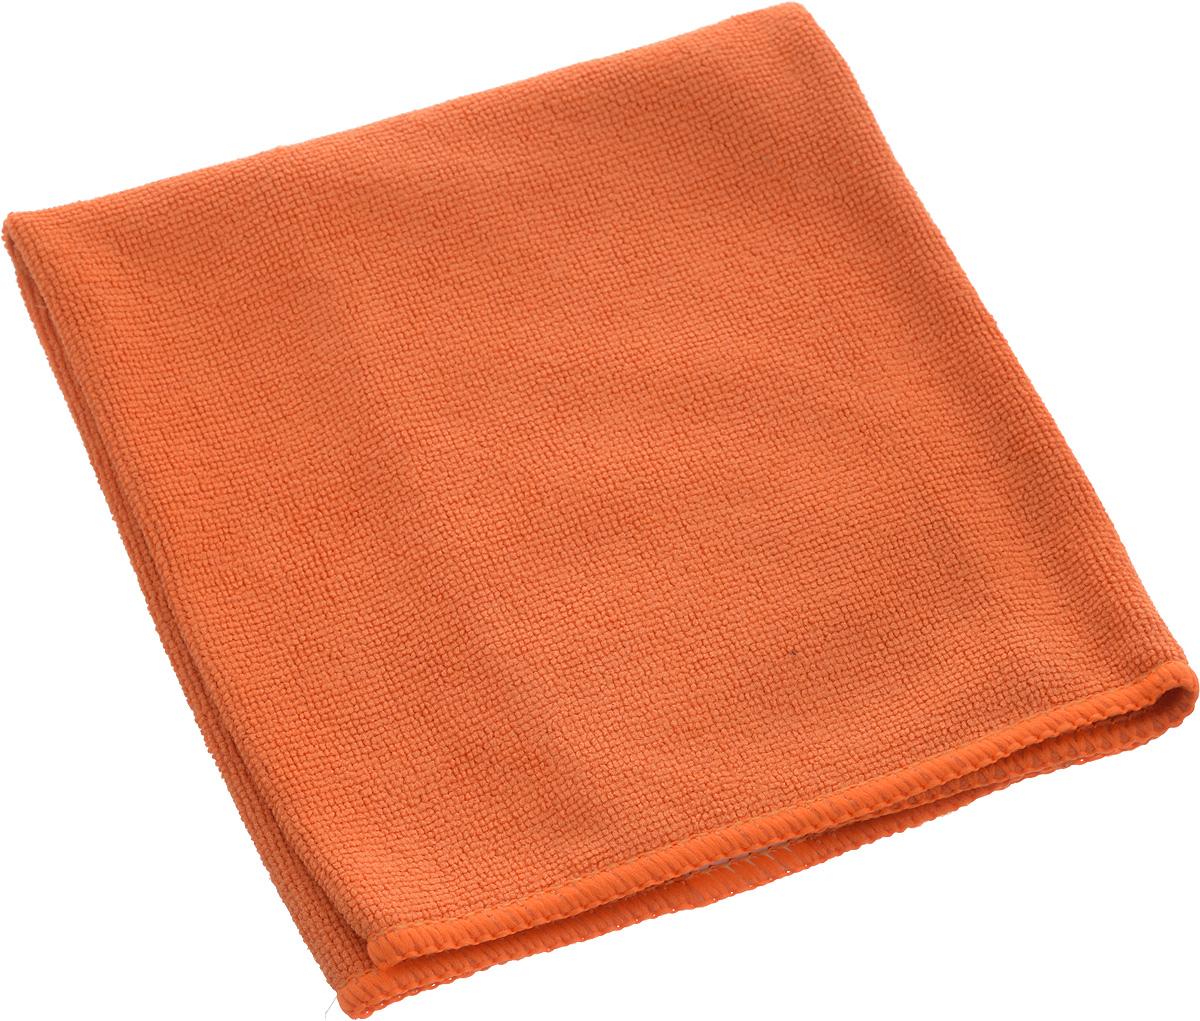 Салфетка из микрофибры Airline, цвет: оранжевый, 35 х 40 смSV3055СБ-18РSМягкая салфетка Airline выполнена из микрофибры. Мягкий ворс микрофибры очистит поверхность от пыли и загрязнений, микробов и грибком, и не отставит царапин. Материал хорошо впитывает жидкость, быстро сохнет и не подвержен быстрому износу после многочисленных стирок.